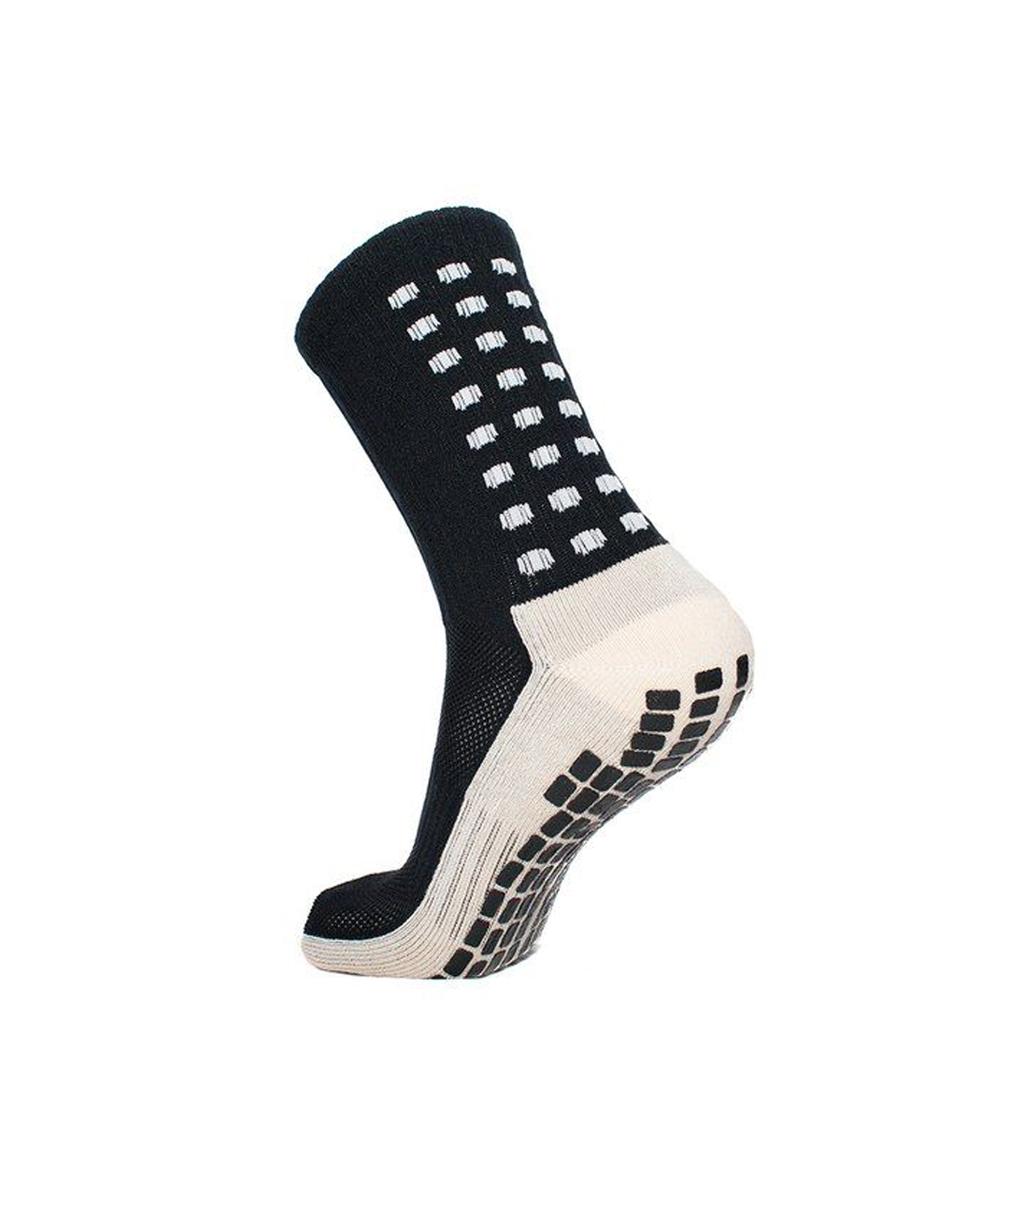 Купить чёрные футбольные носки – противоскользящие